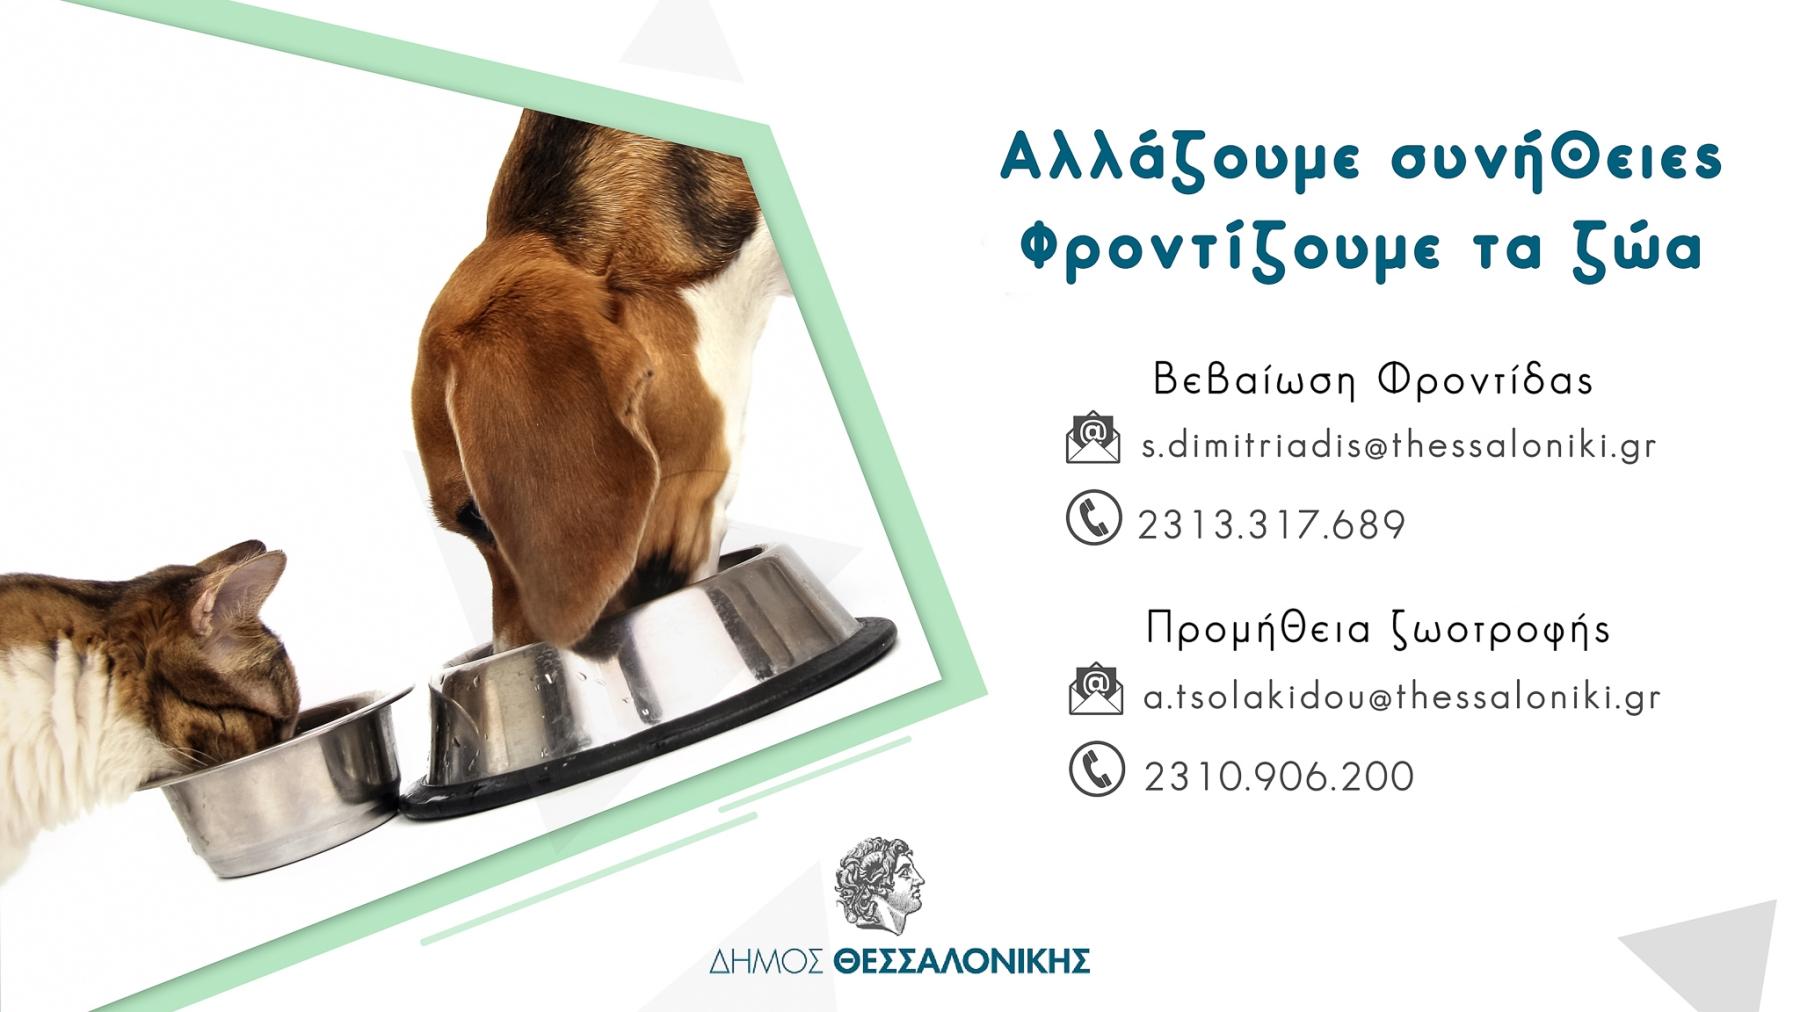 Ο Δήμος Θεσσαλονίκης μεριμνά για τη σίτιση των αδέσποτων ζώων κατά τη διάρκεια των περιοριστικών μέτρων